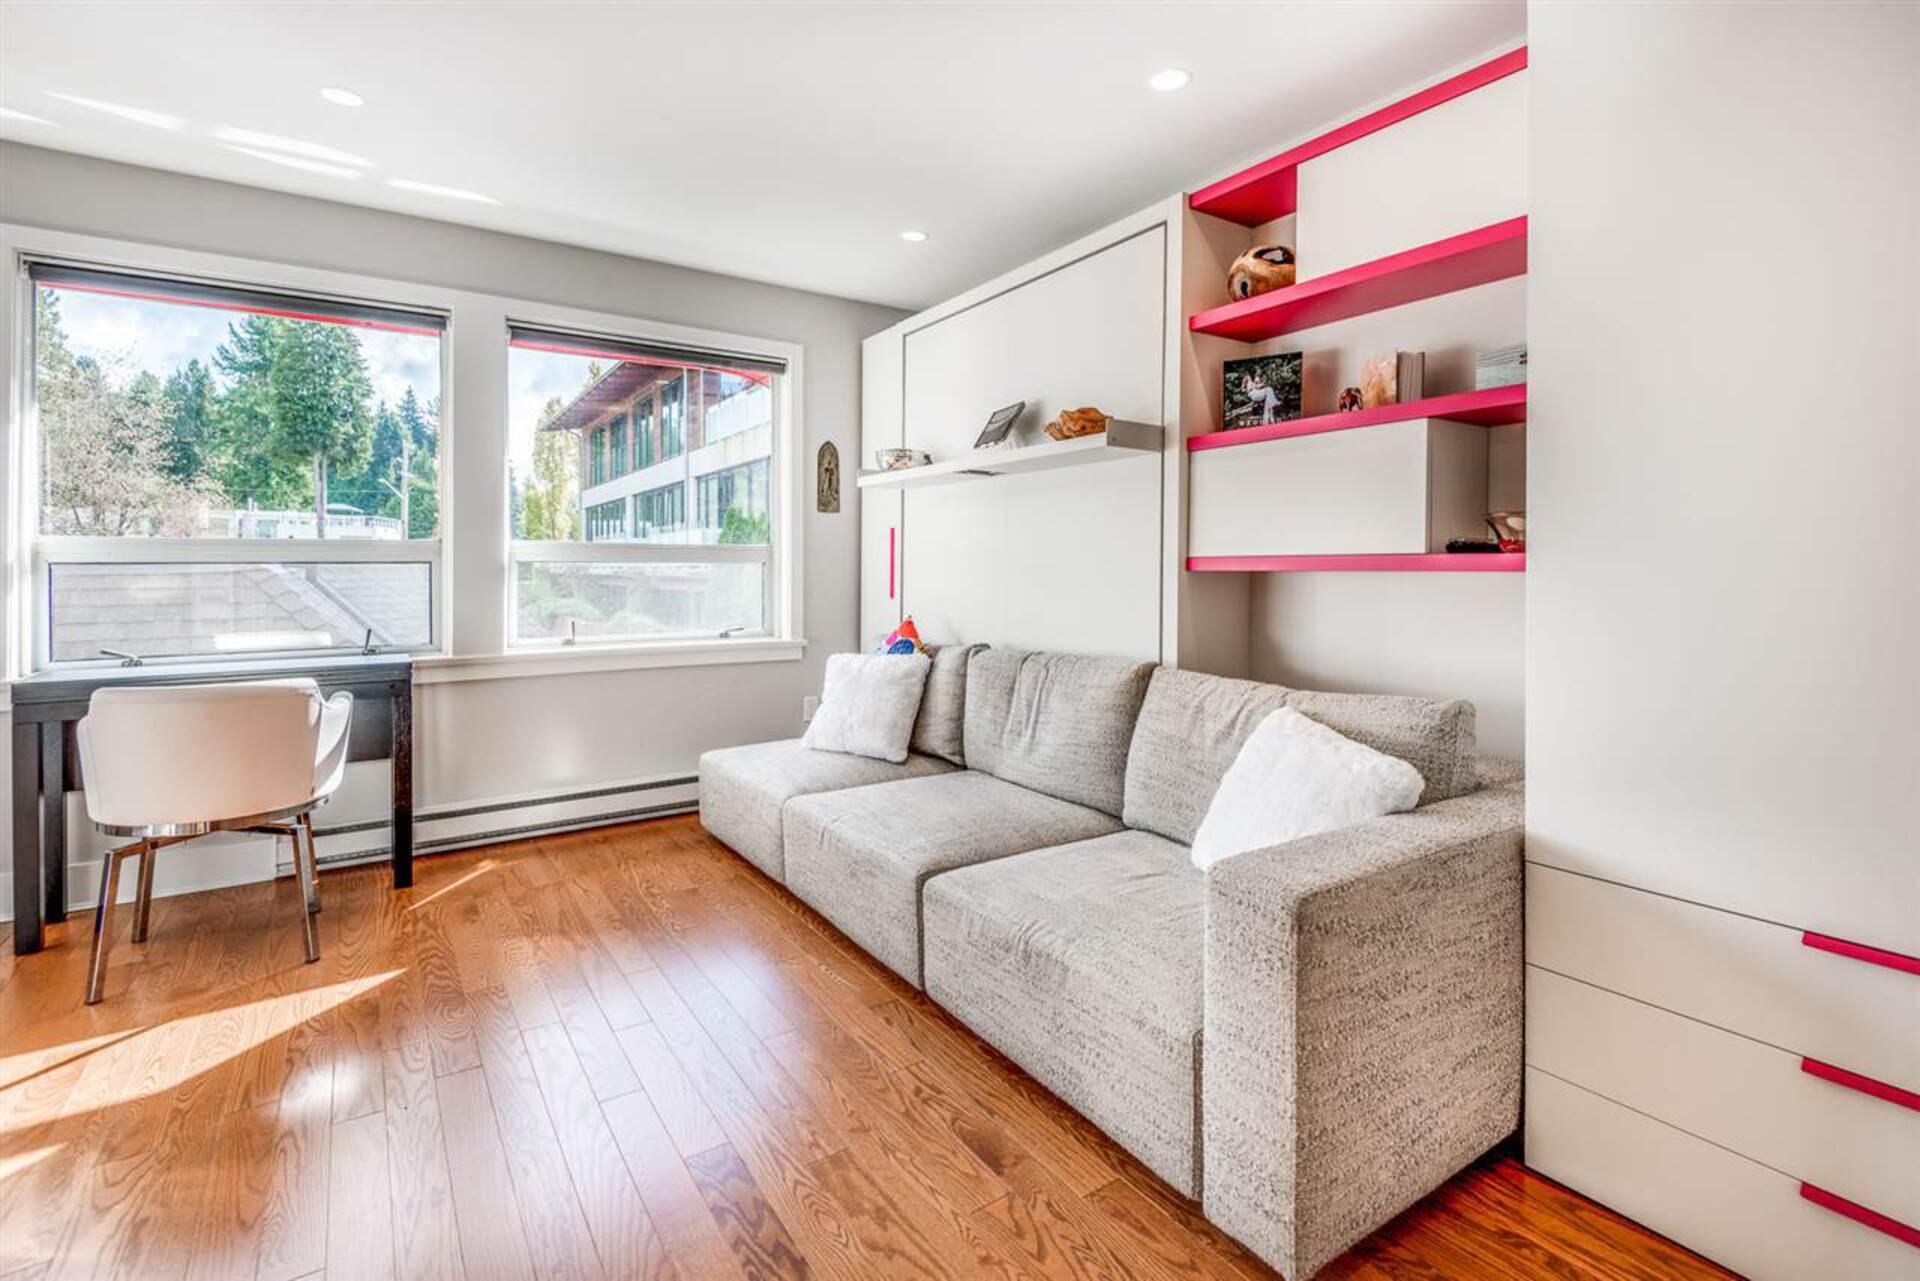 3711-delbrook-avenue-upper-delbrook-north-vancouver-09 at 203 - 3711 Delbrook Avenue, Upper Delbrook, North Vancouver